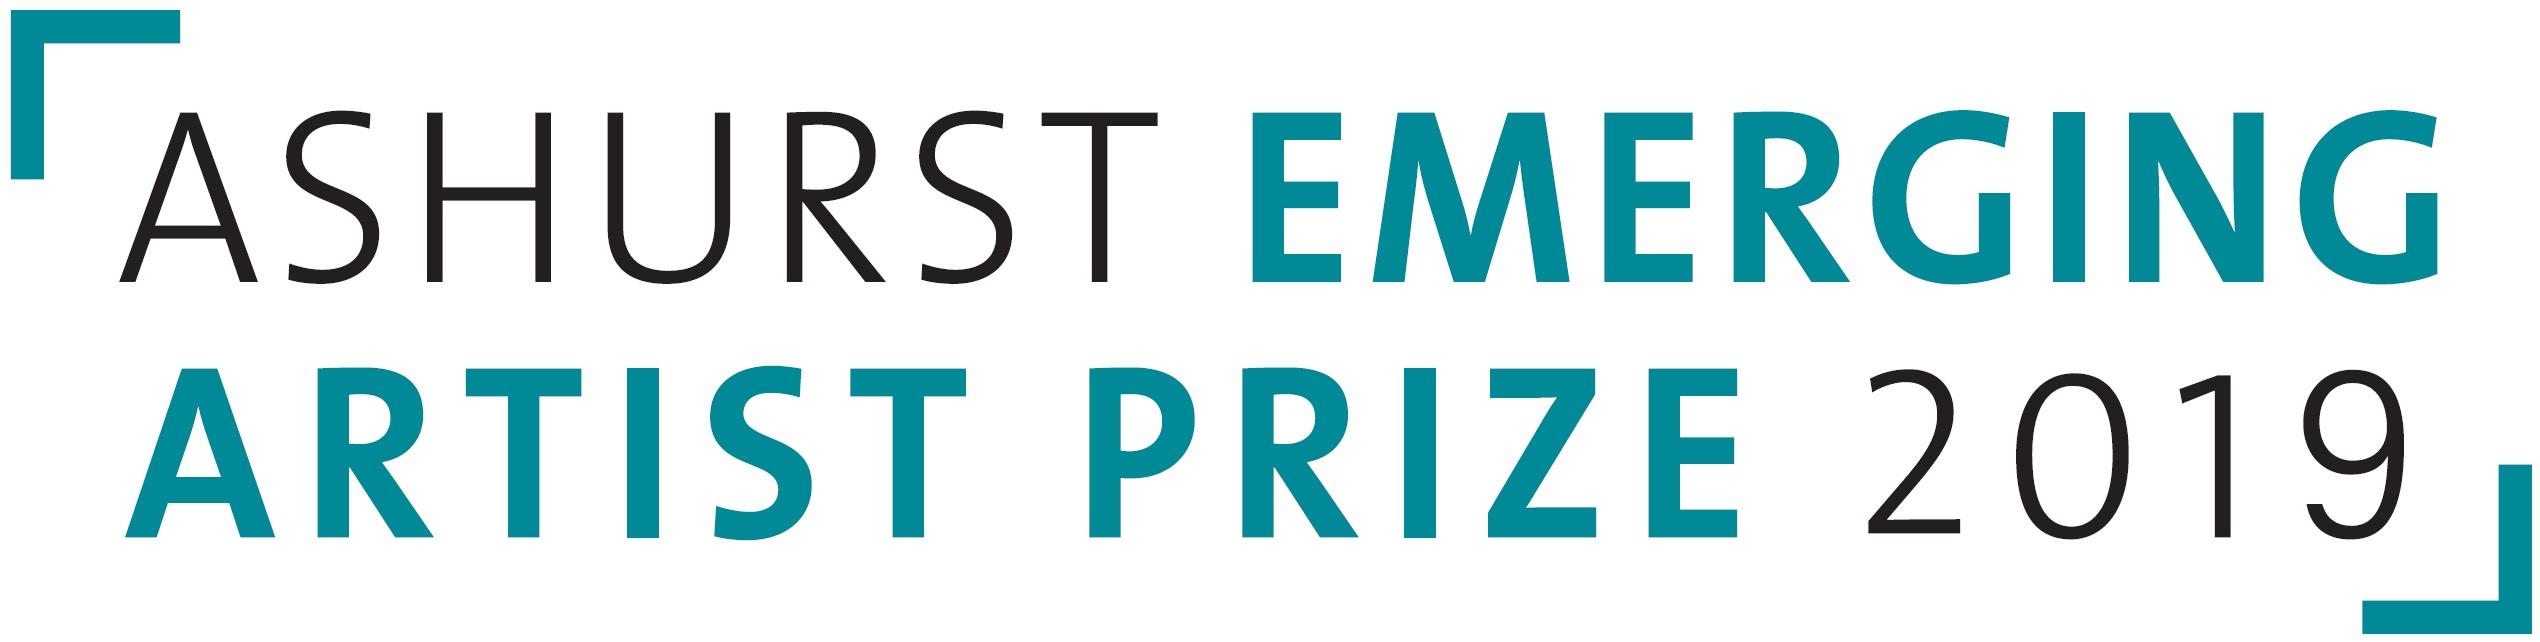 Ashurst Emerging Artist Prize 2019 - logo